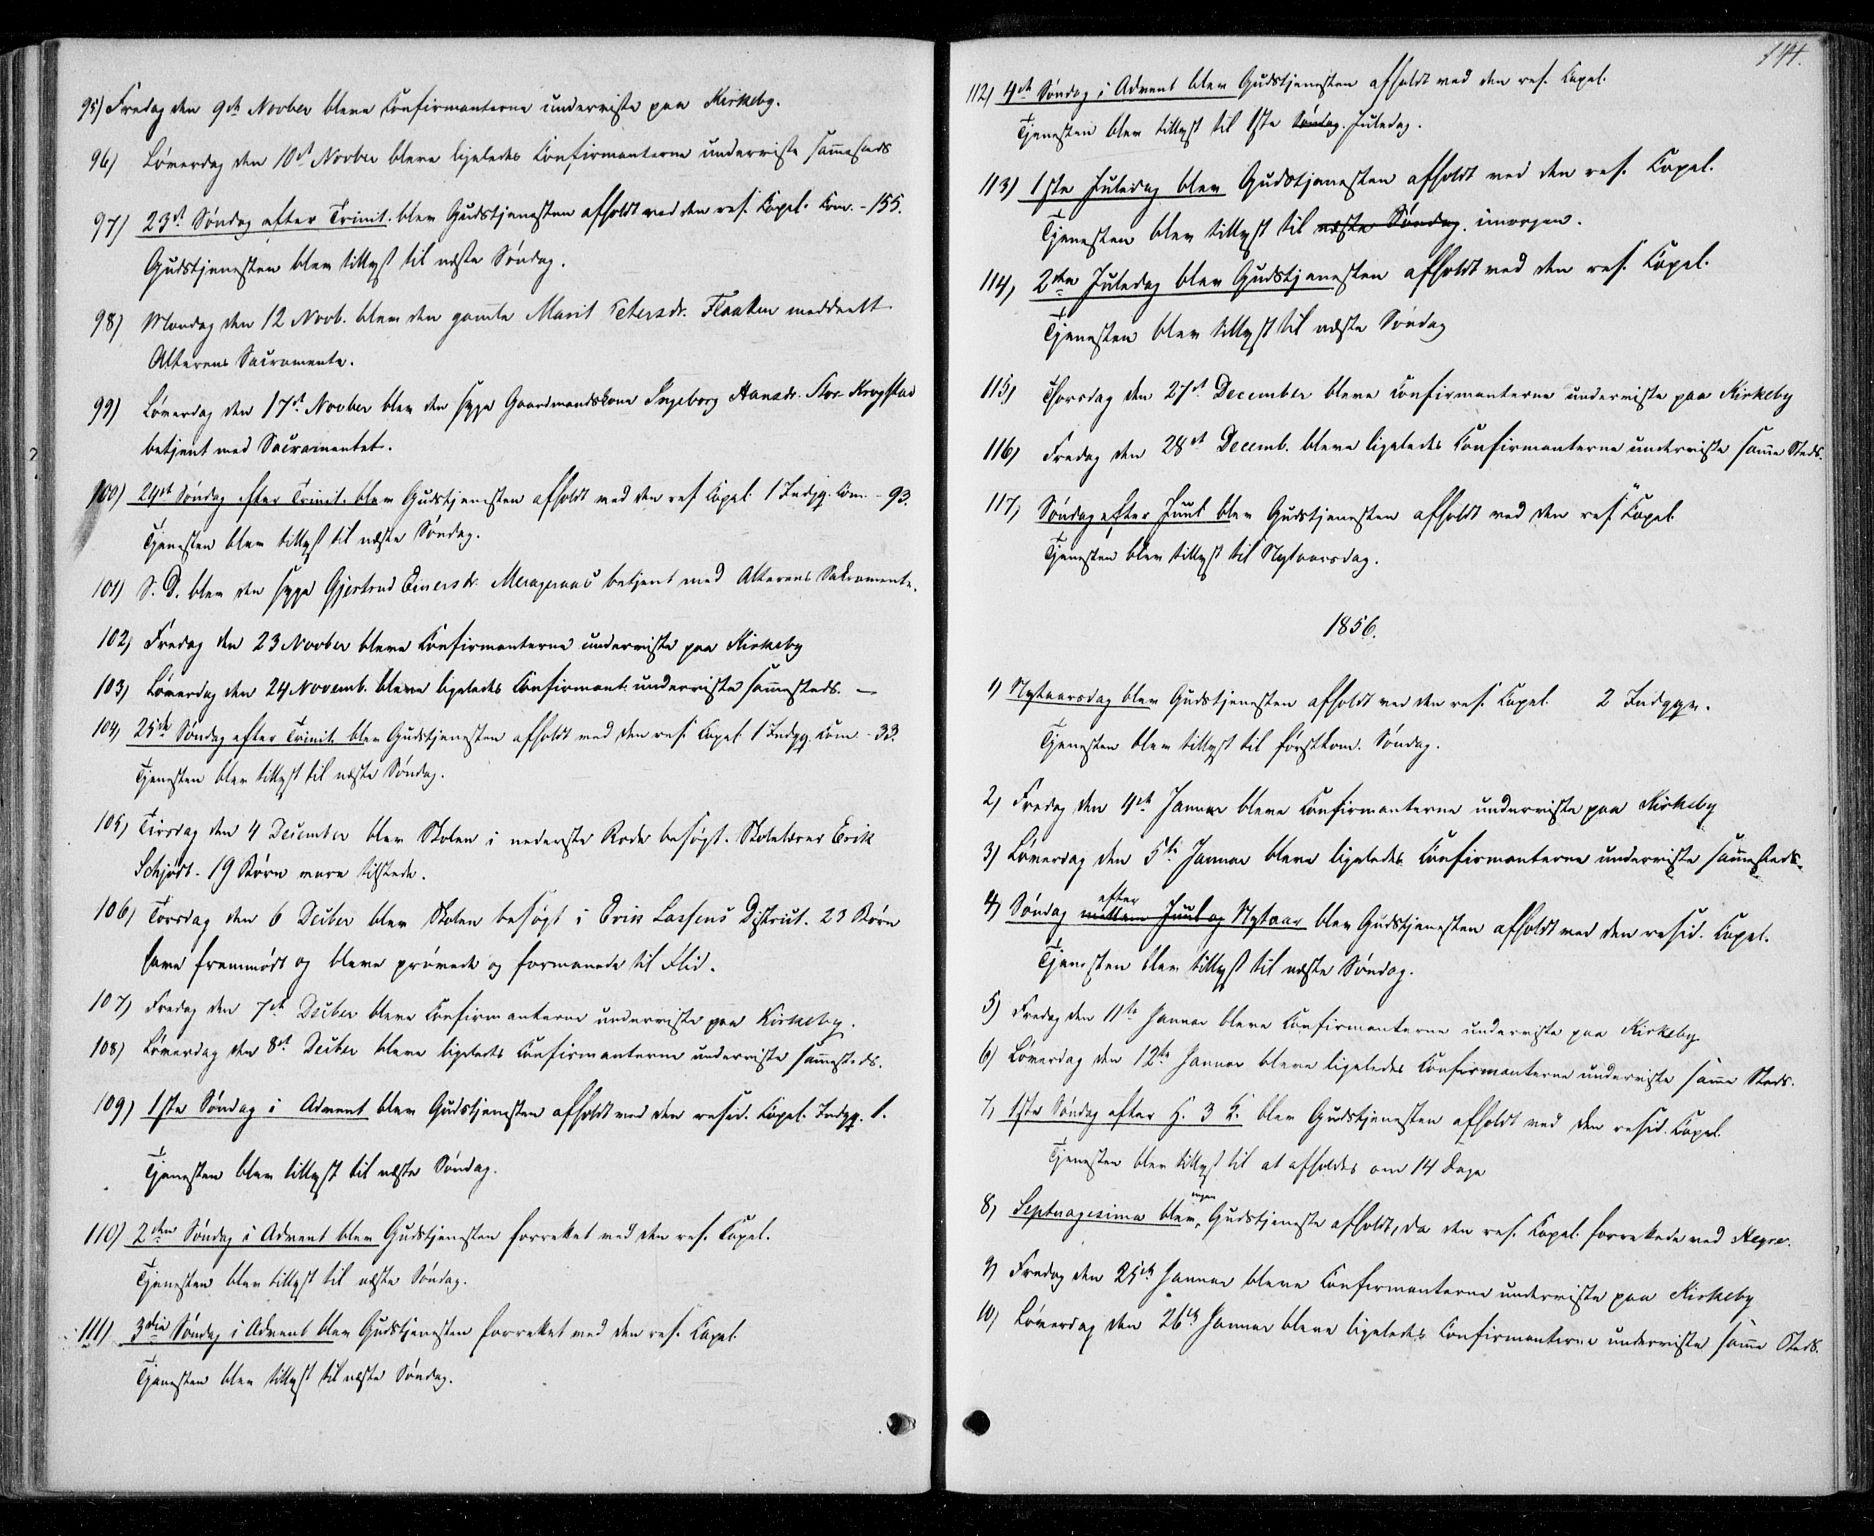 SAT, Ministerialprotokoller, klokkerbøker og fødselsregistre - Nord-Trøndelag, 706/L0040: Ministerialbok nr. 706A01, 1850-1861, s. 144